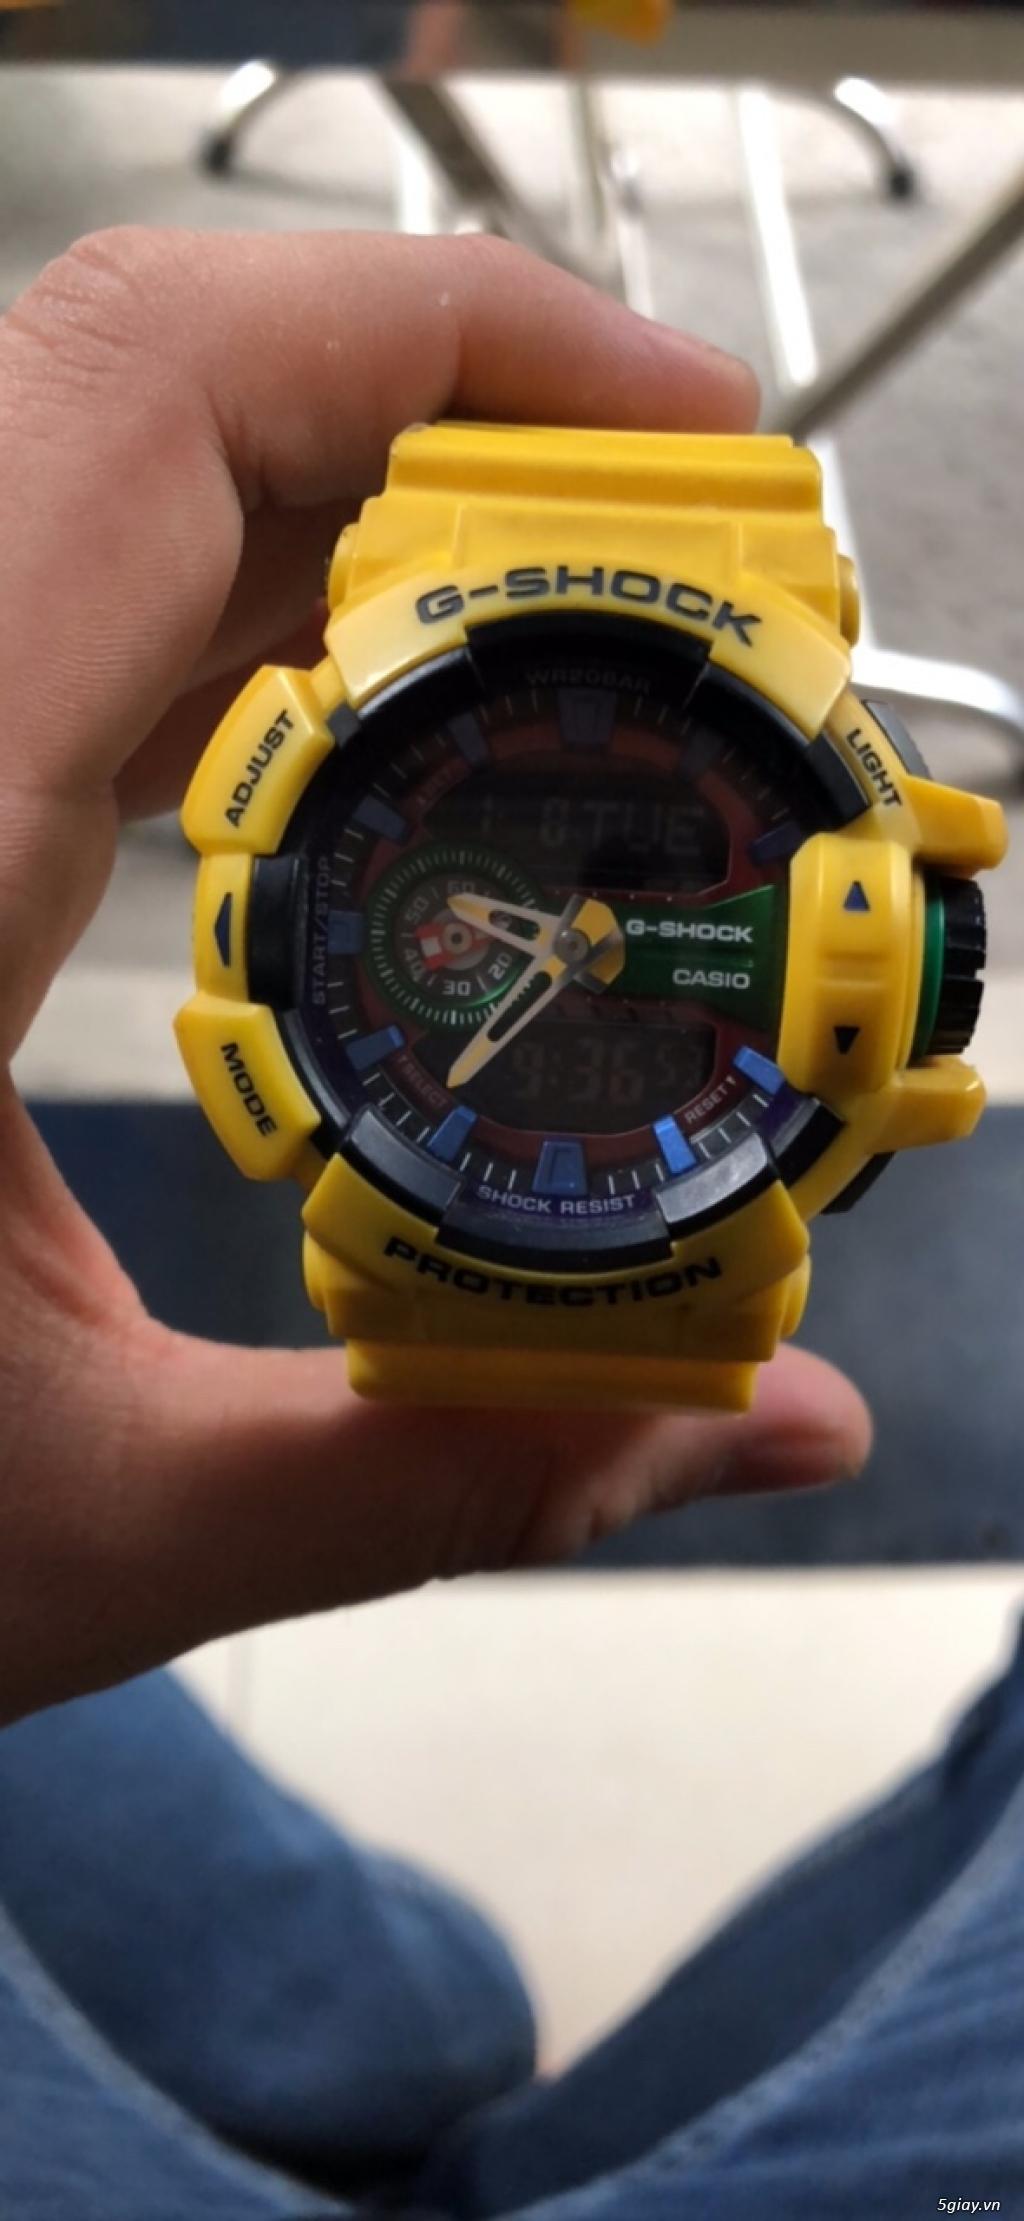 Thanh lý đồng hồ Casio G Shock giá rẻ - 1